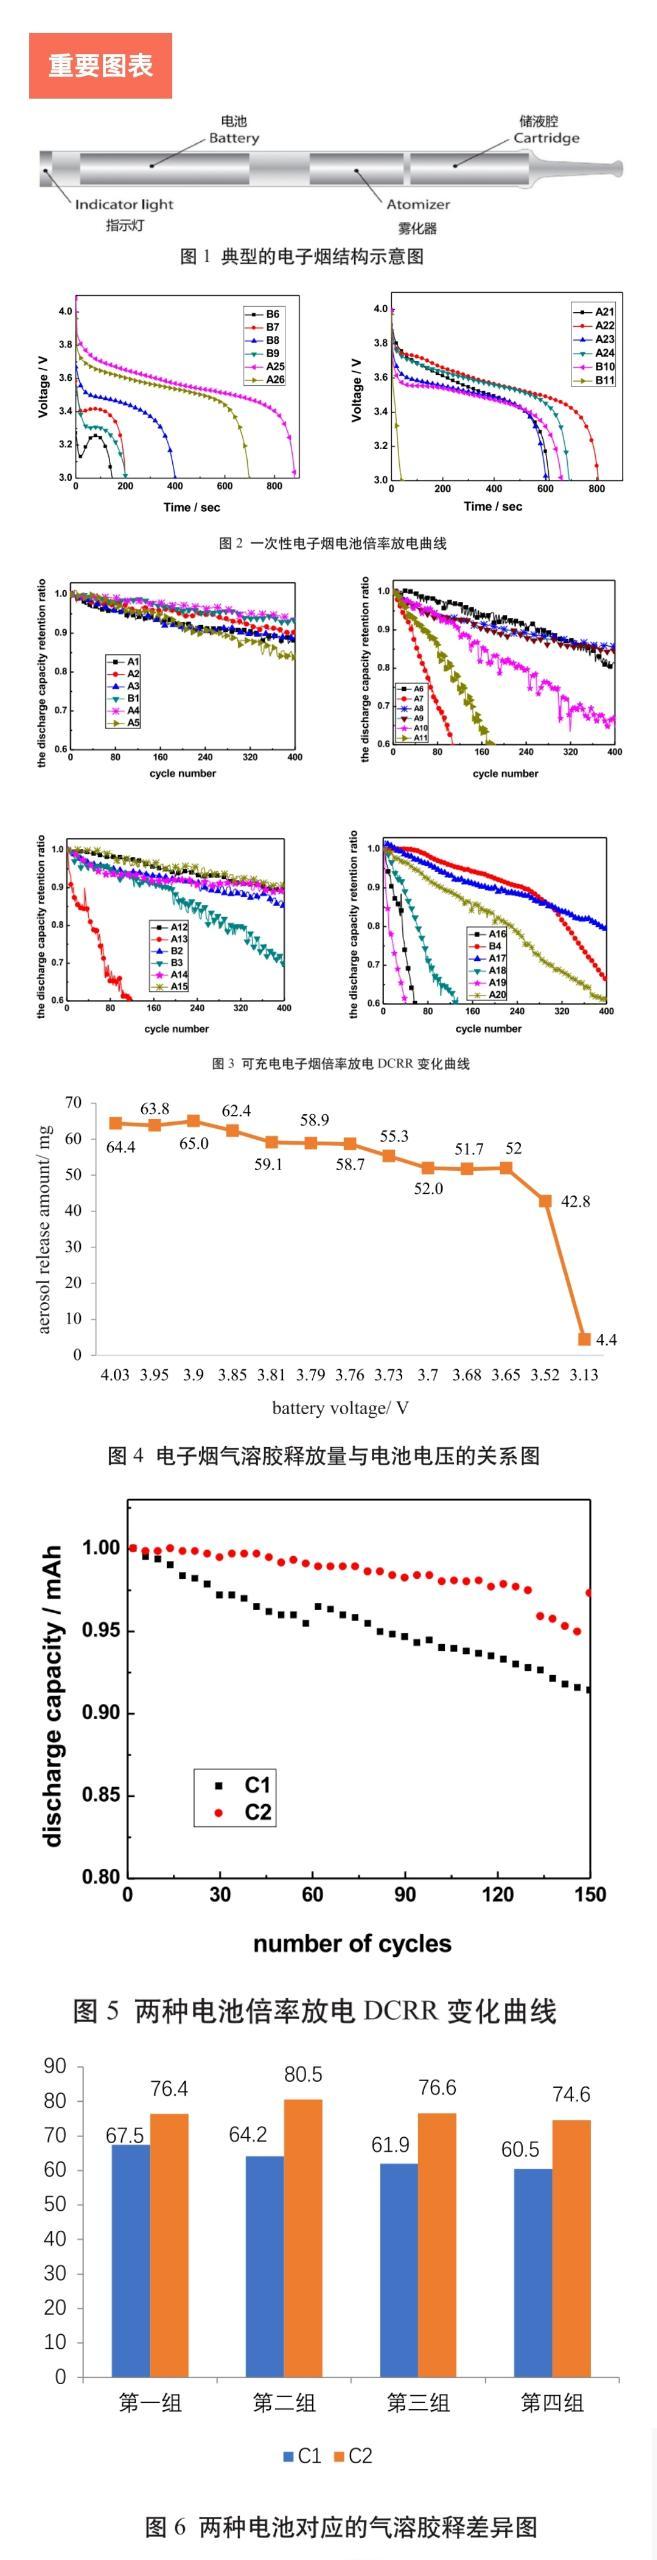 电子烟电池倍率放电特性不同,对气溶胶释放行为影响较大